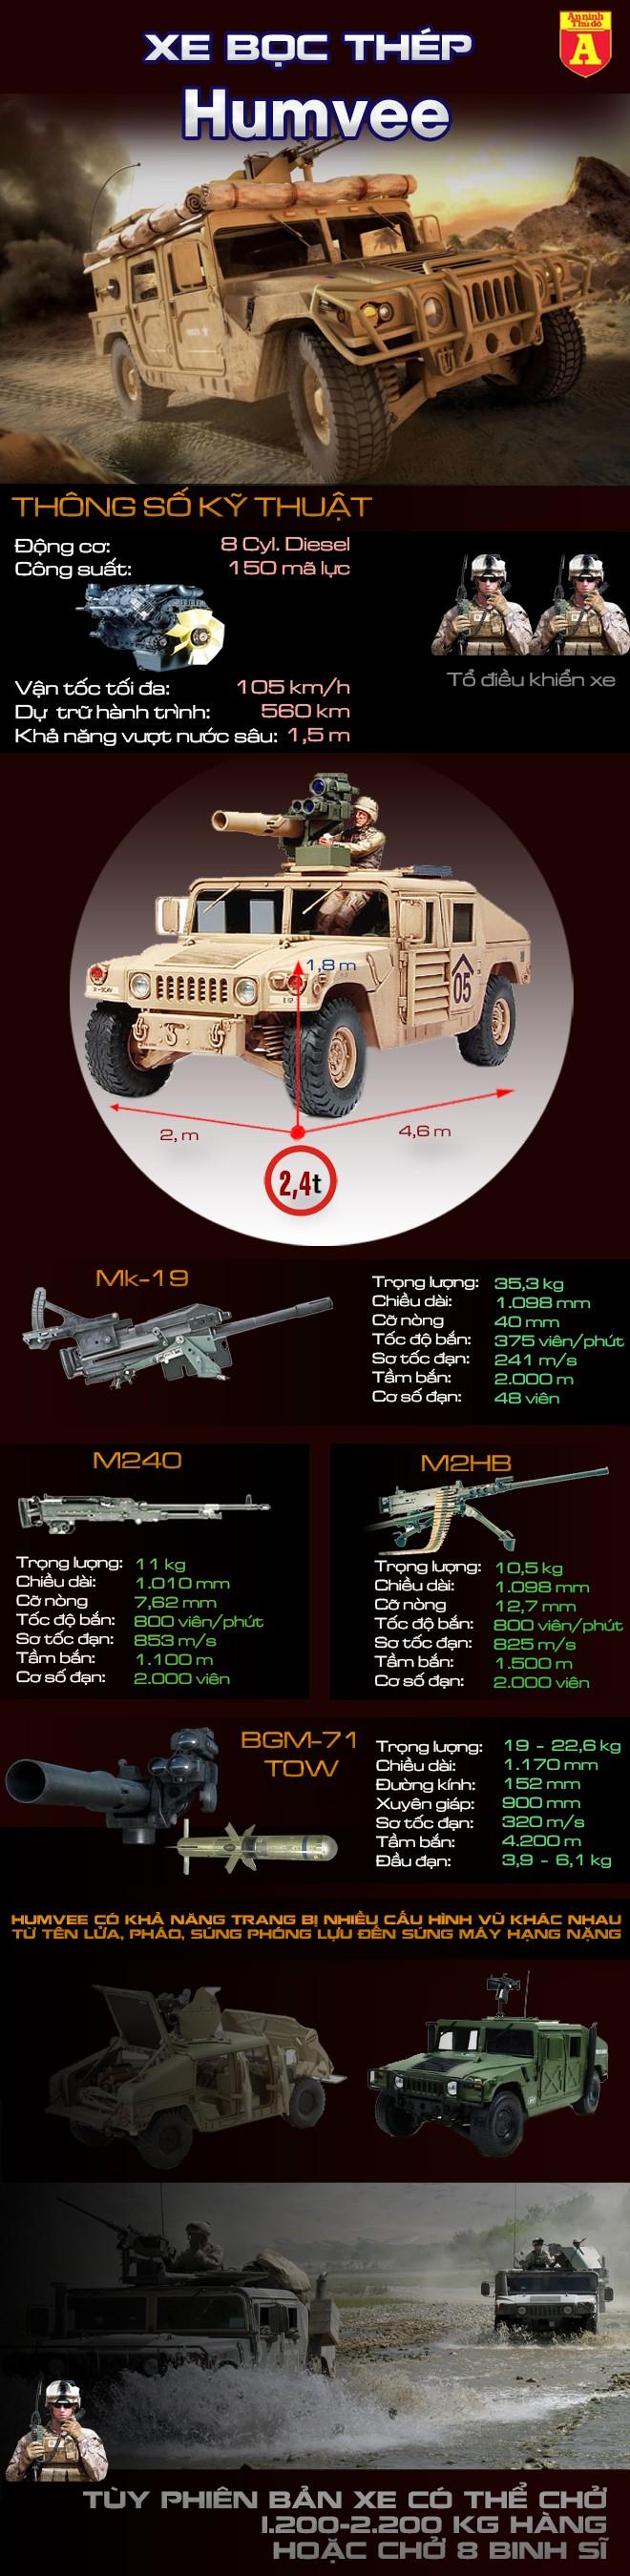 [Infographic] Sức mạnh của 'taxi chiến trường' lục quân Mỹ tại Syria ảnh 2